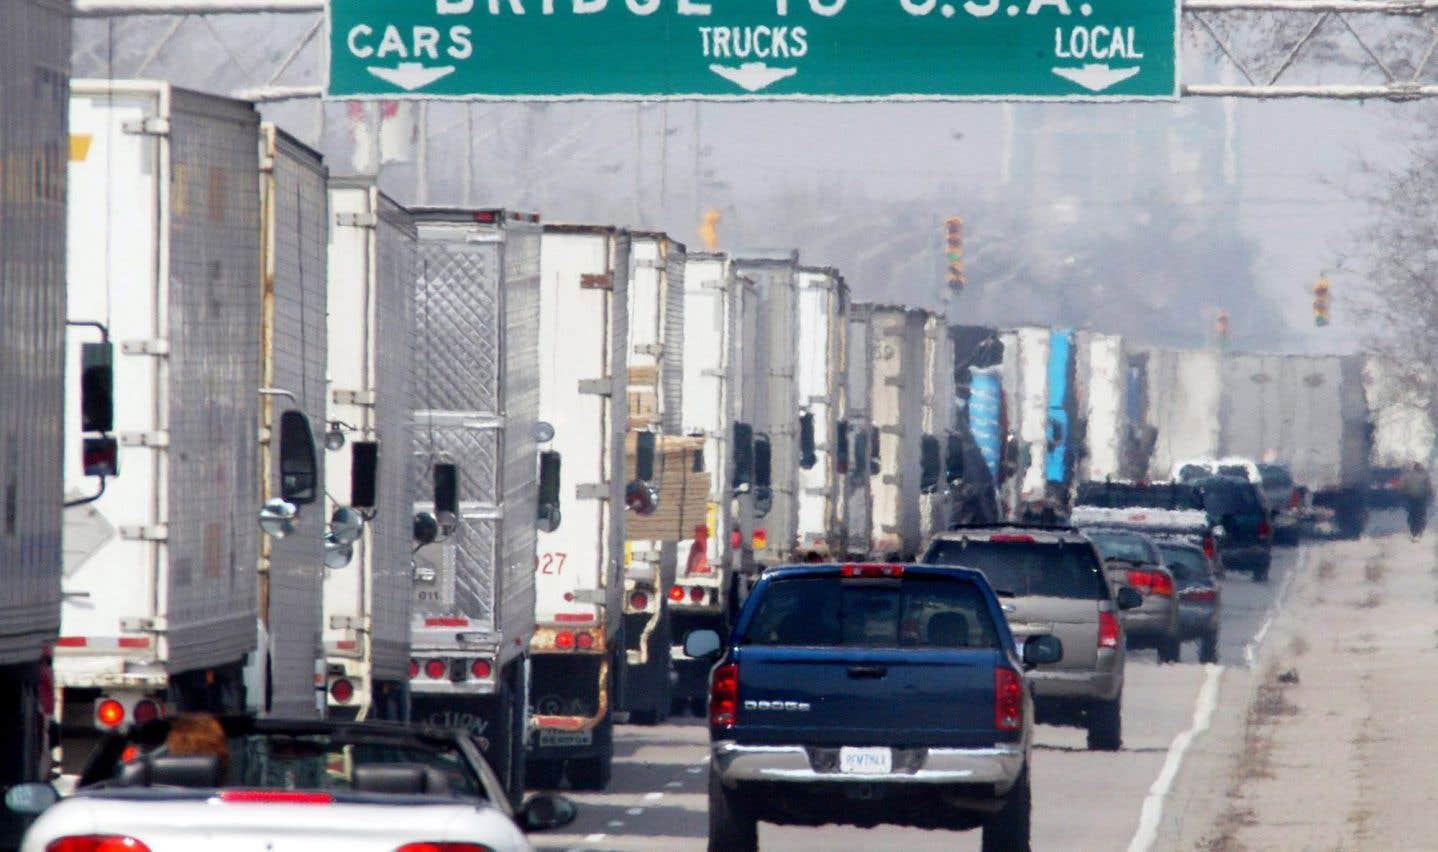 À l'échelle du continent nord-américain, ce sont plus de 70% des échanges commerciaux qui s'effectuent par camion.